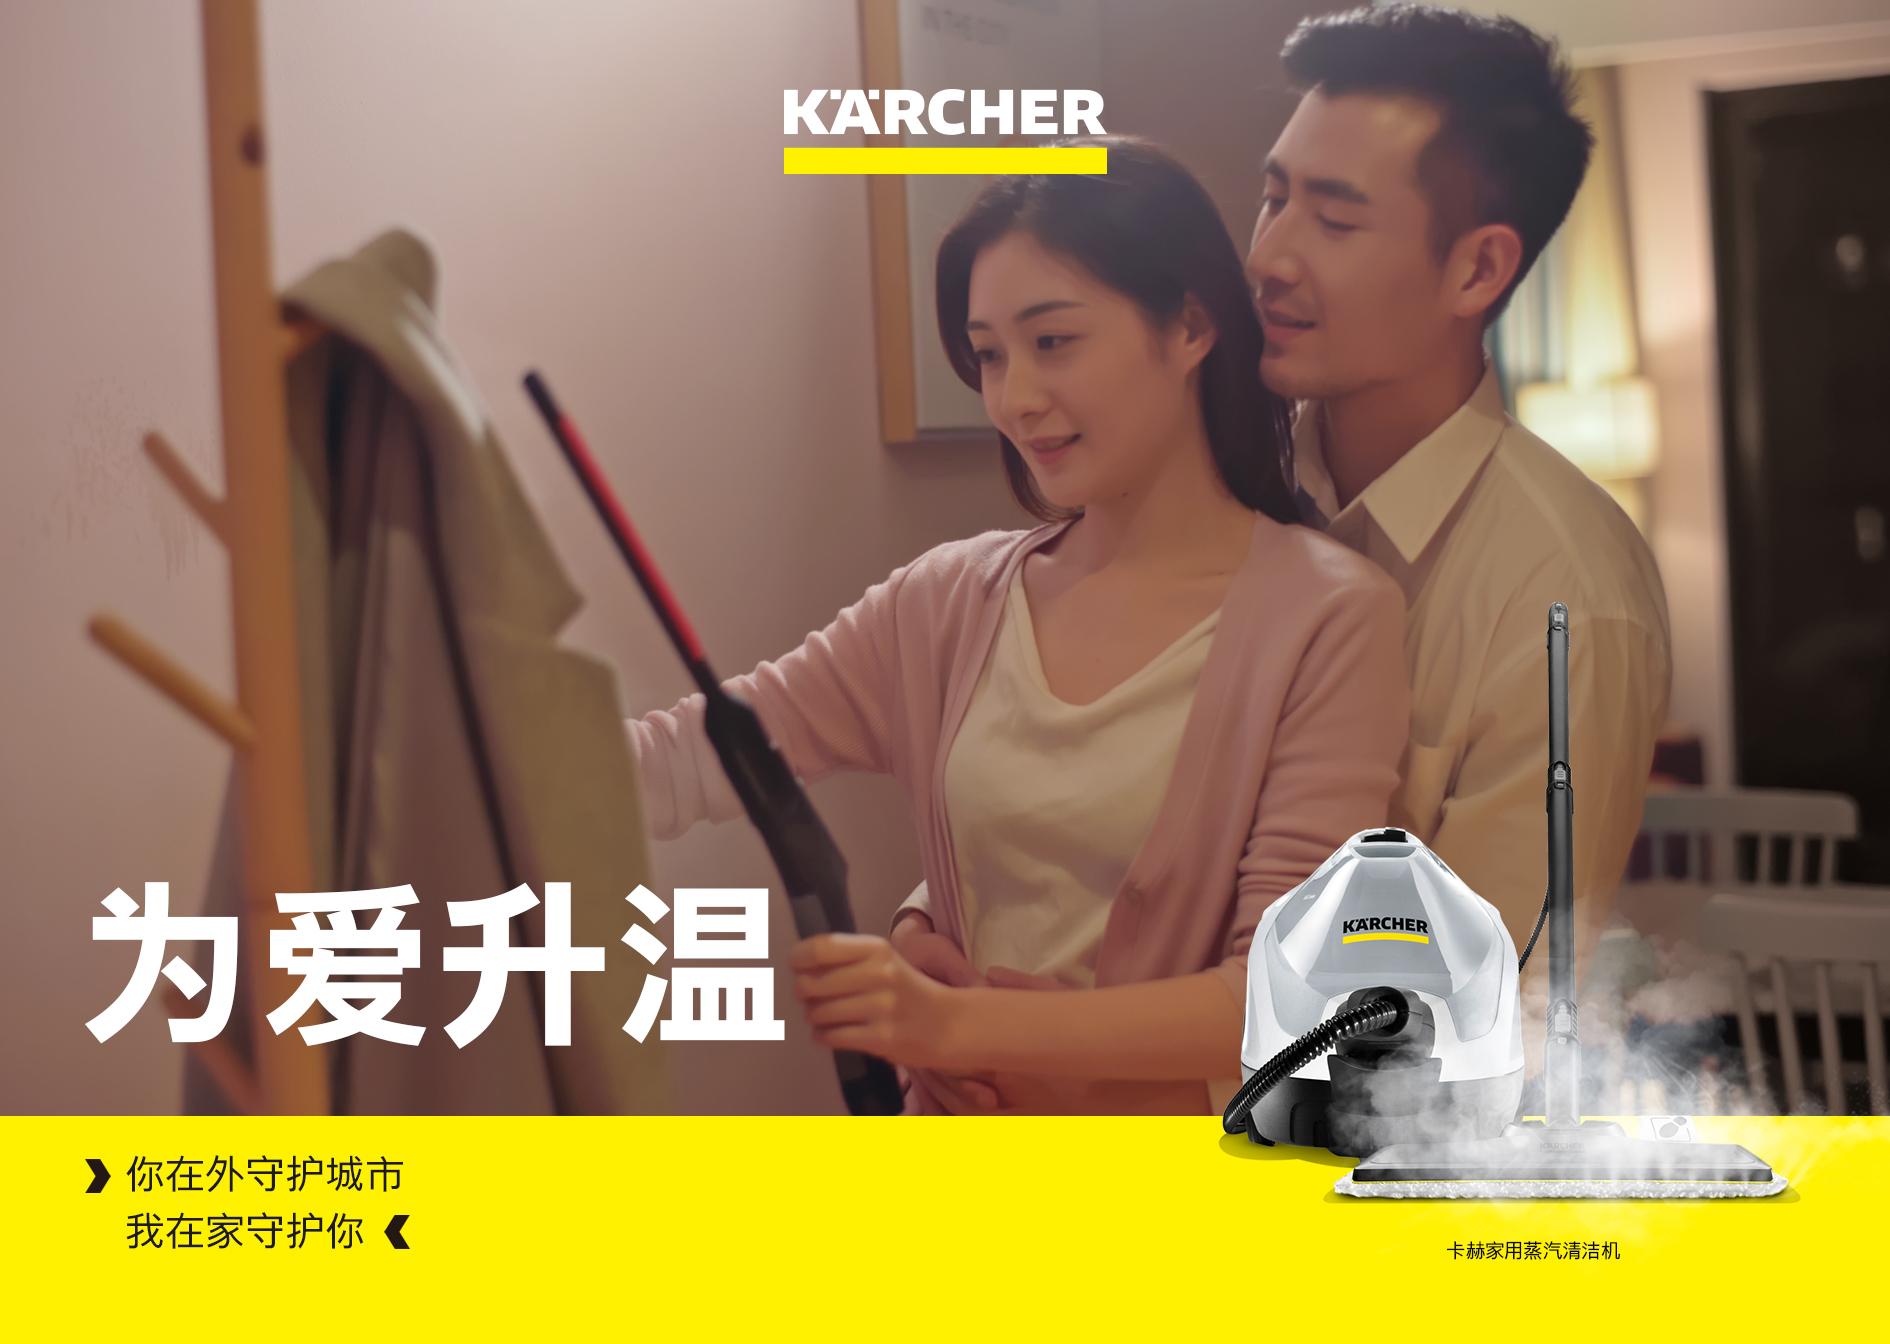 卡赫高温蒸汽机与您一起为爱升温